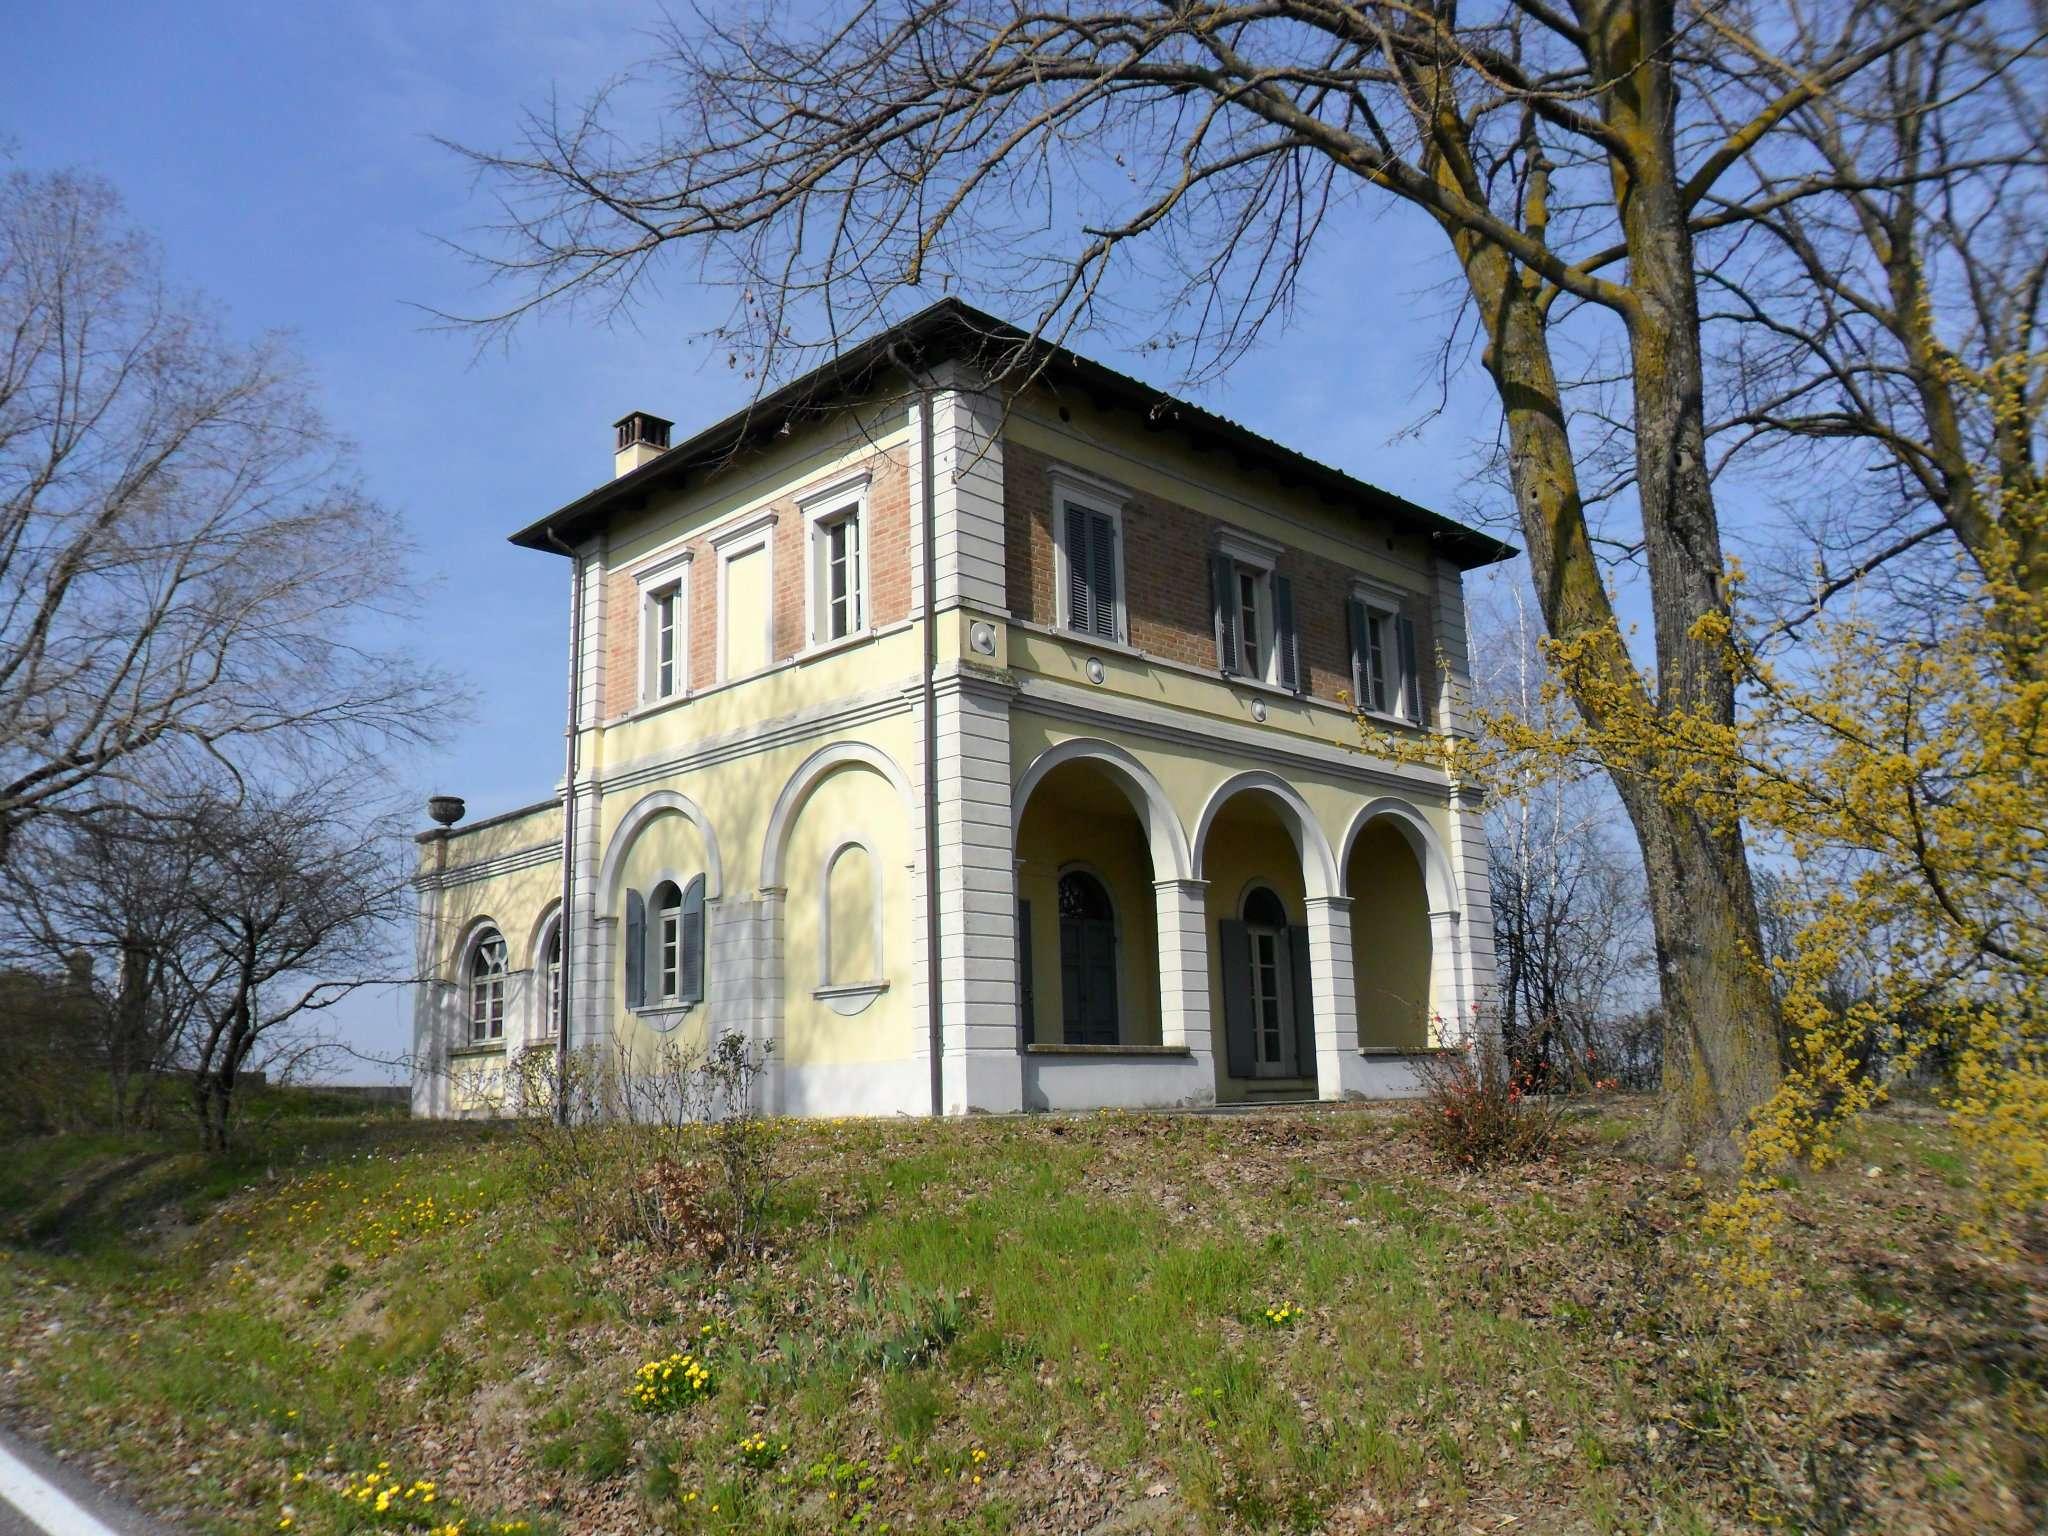 Soluzione Indipendente in vendita a Fidenza, 6 locali, prezzo € 360.000 | Cambio Casa.it